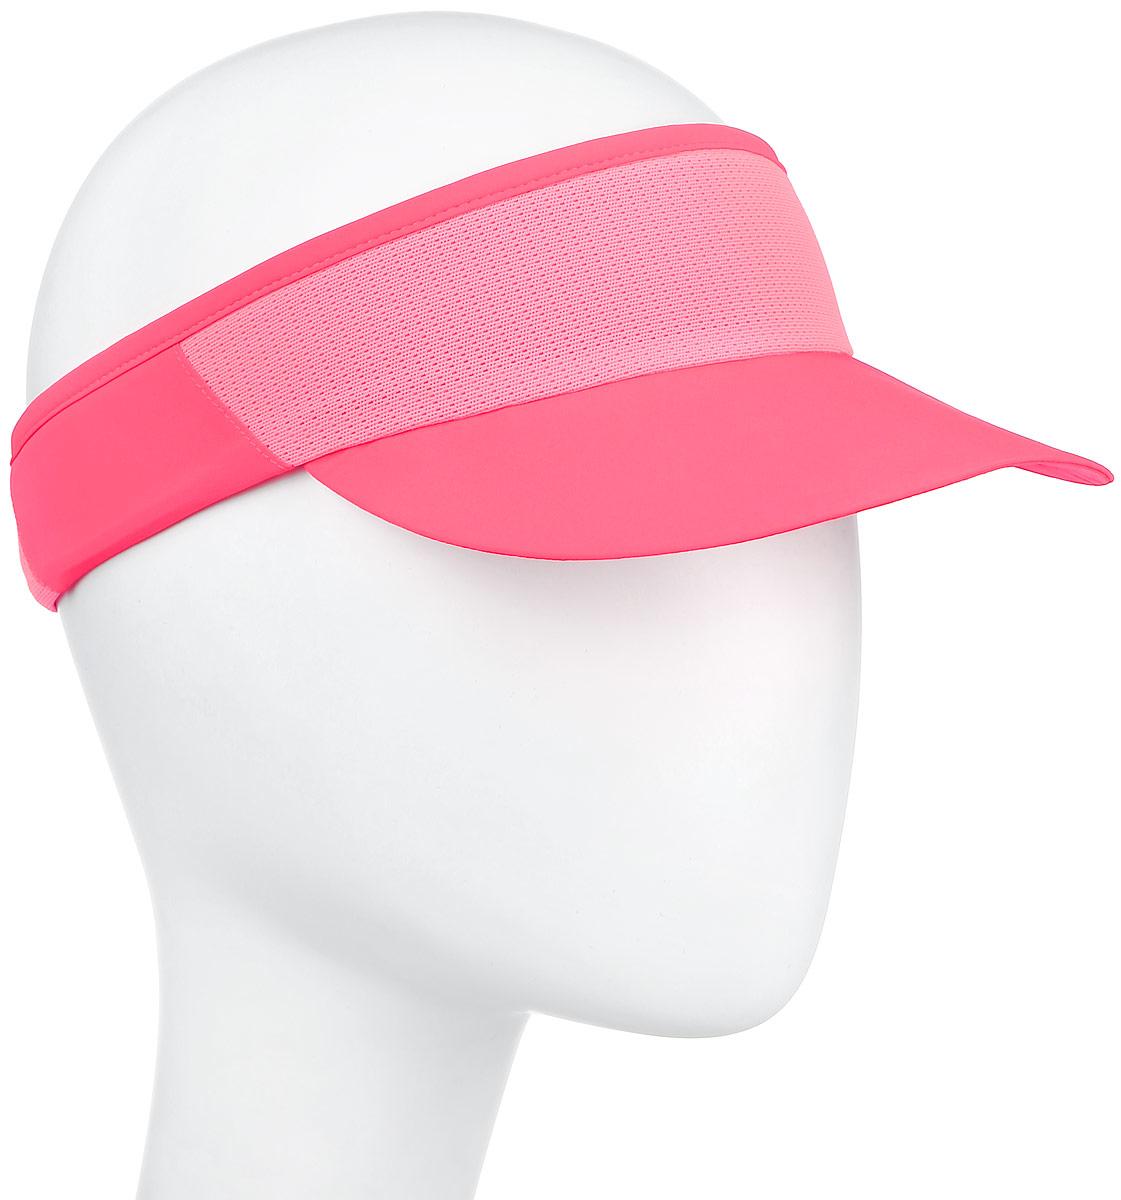 Козырек132060-0001Козырек Asics Performance Visor, выполненный из 100% полиэстера, защитит ваши глаза от солнца. Легкий козырек дополнен сетчатыми вставками, обеспечивающими необходимую вентиляцию. Модель дополнена светоотражающим принтом с логотипом бренда. Уважаемые клиенты! Размер, доступный для заказа, является обхватом головы.